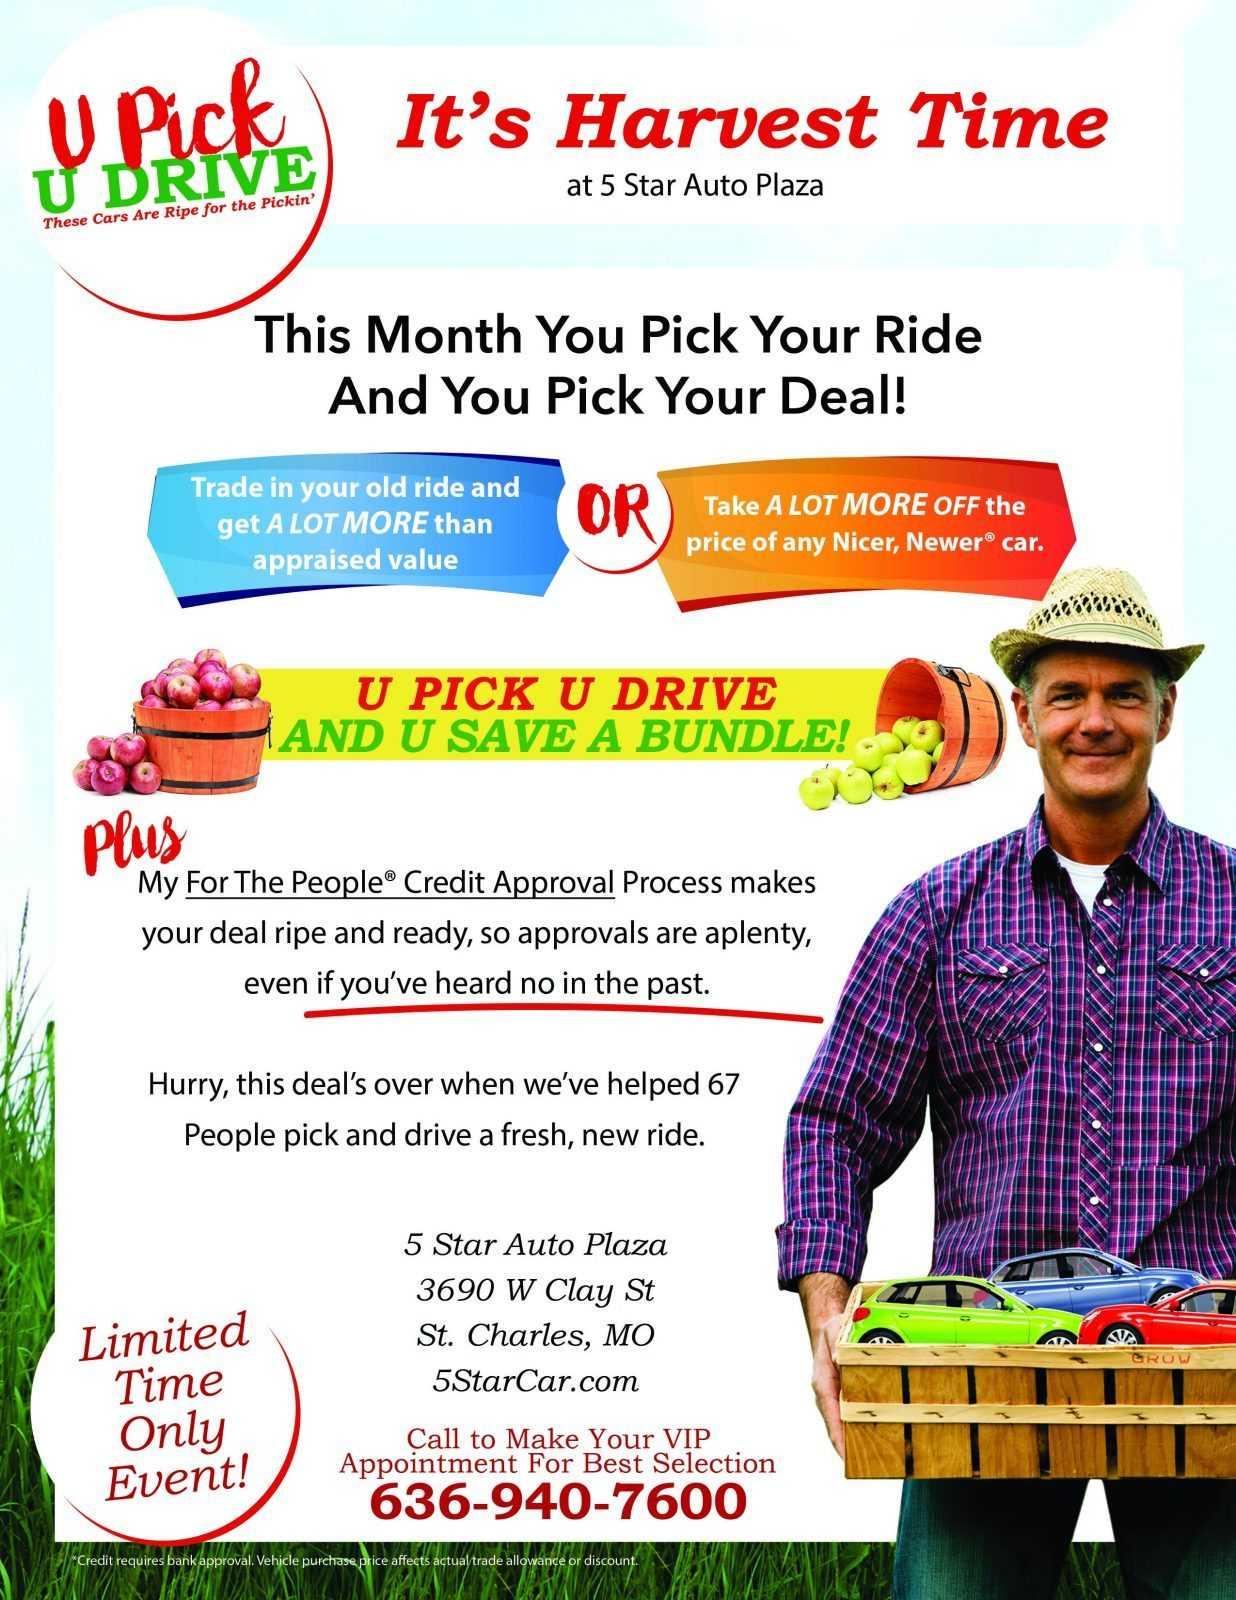 U Pick U Drive at 5 Star Auto Plaza!